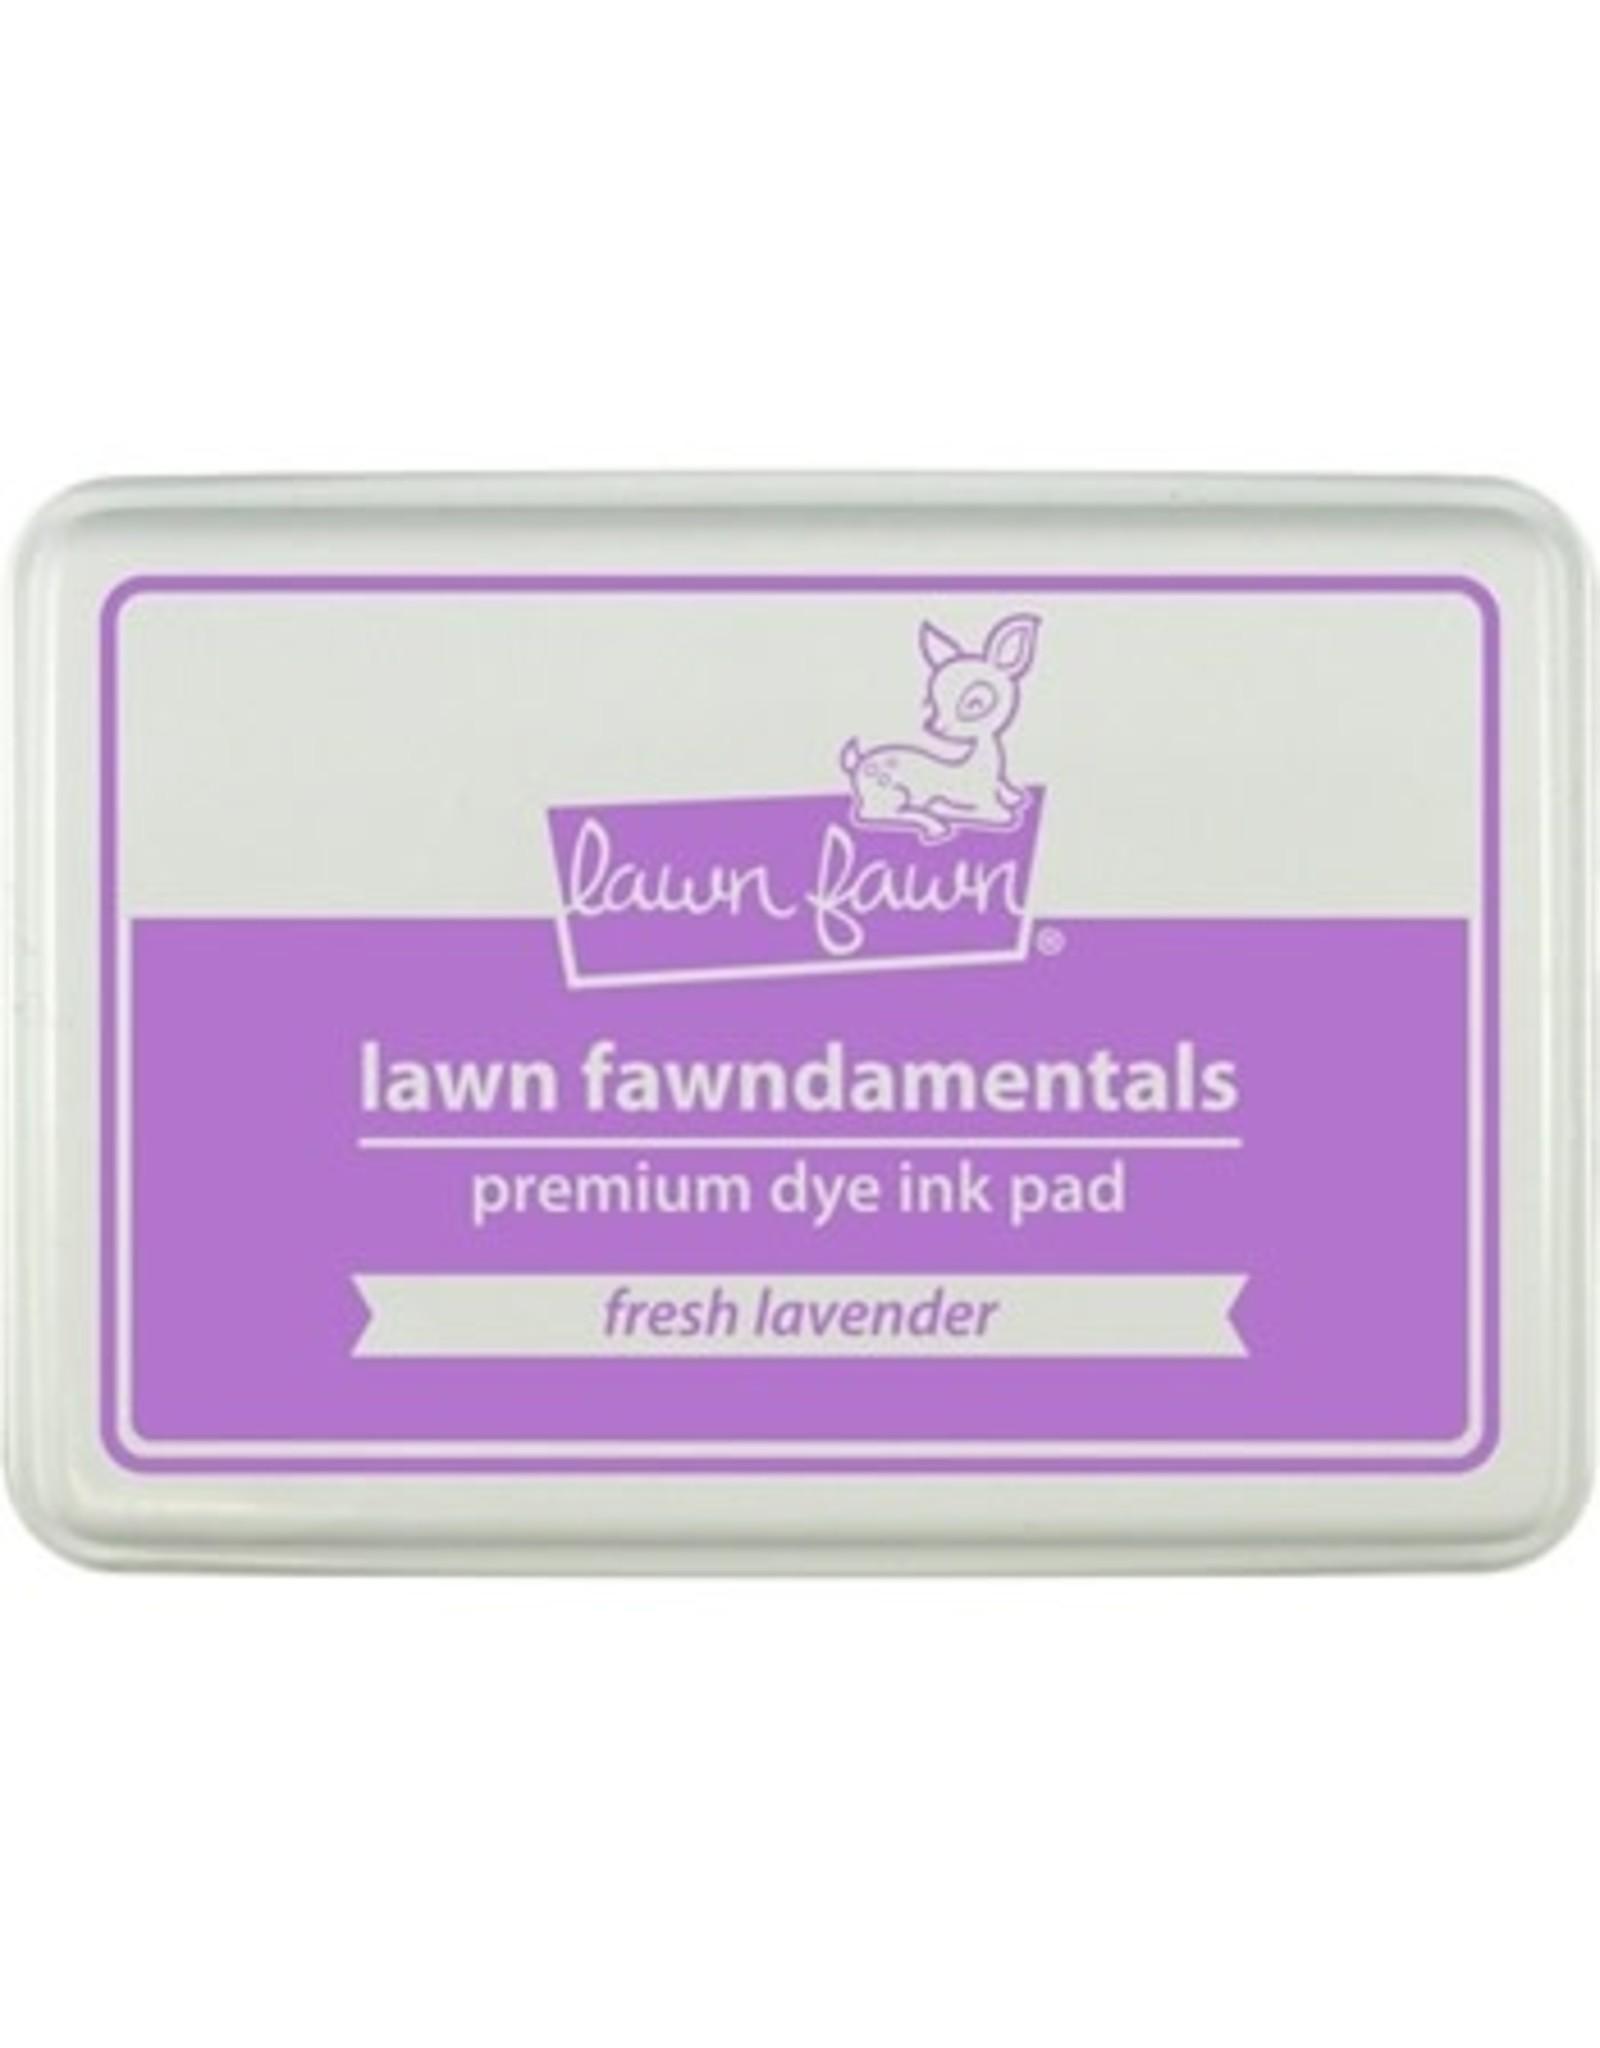 Lawn Fawn Lawn Fawndamentals Dye Ink Pad - Fresh Lavender